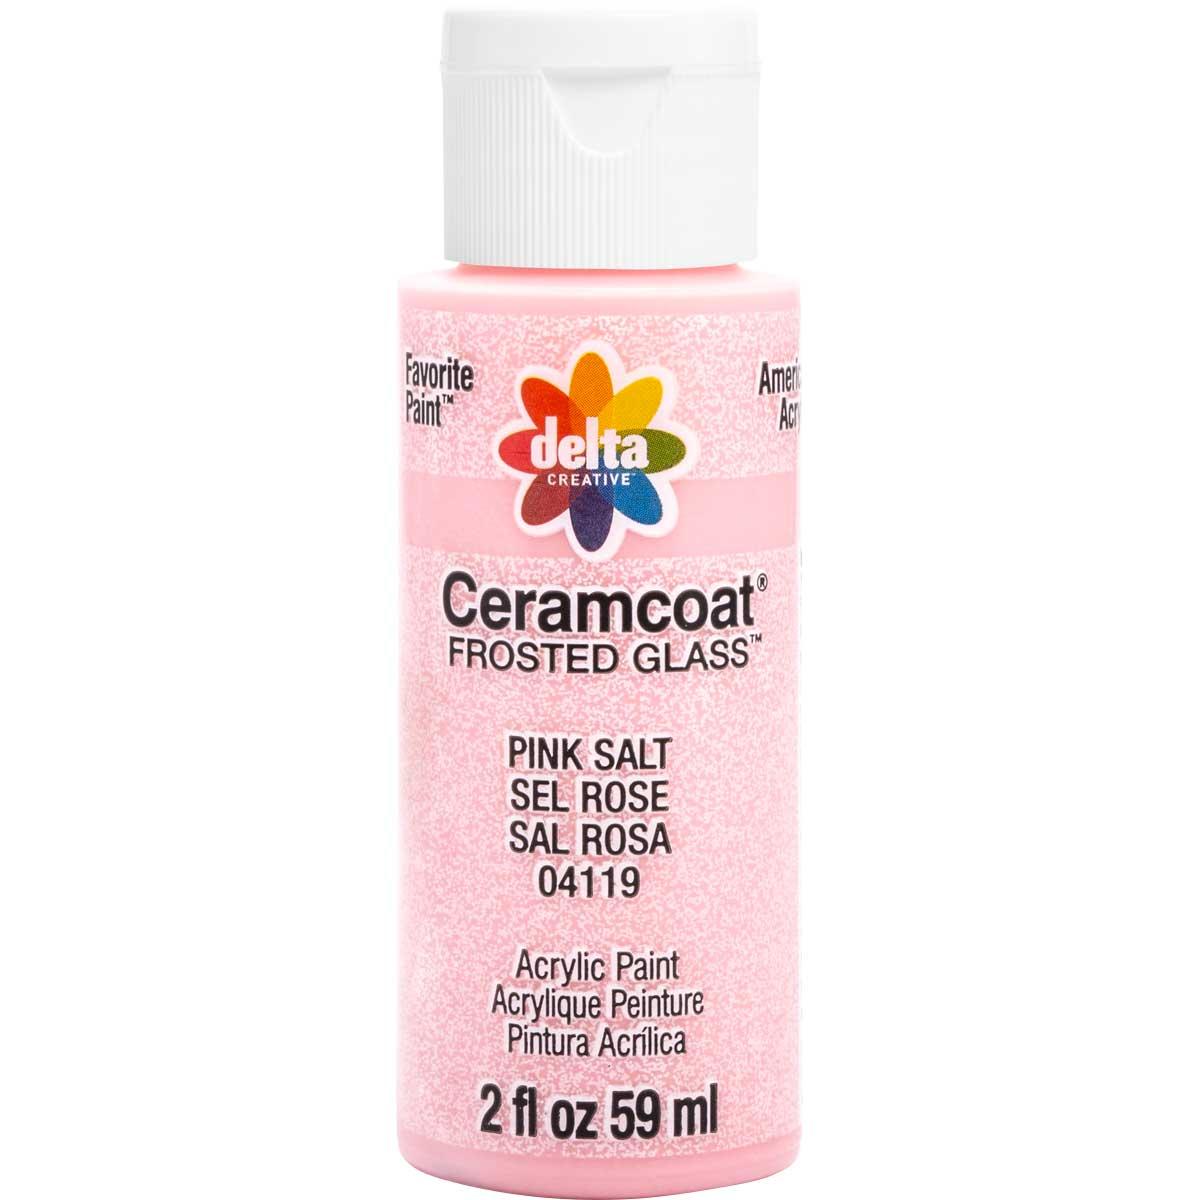 Delta Ceramcoat ® Frosted Glass Paint - Pink Salt, 2 oz. - 04119